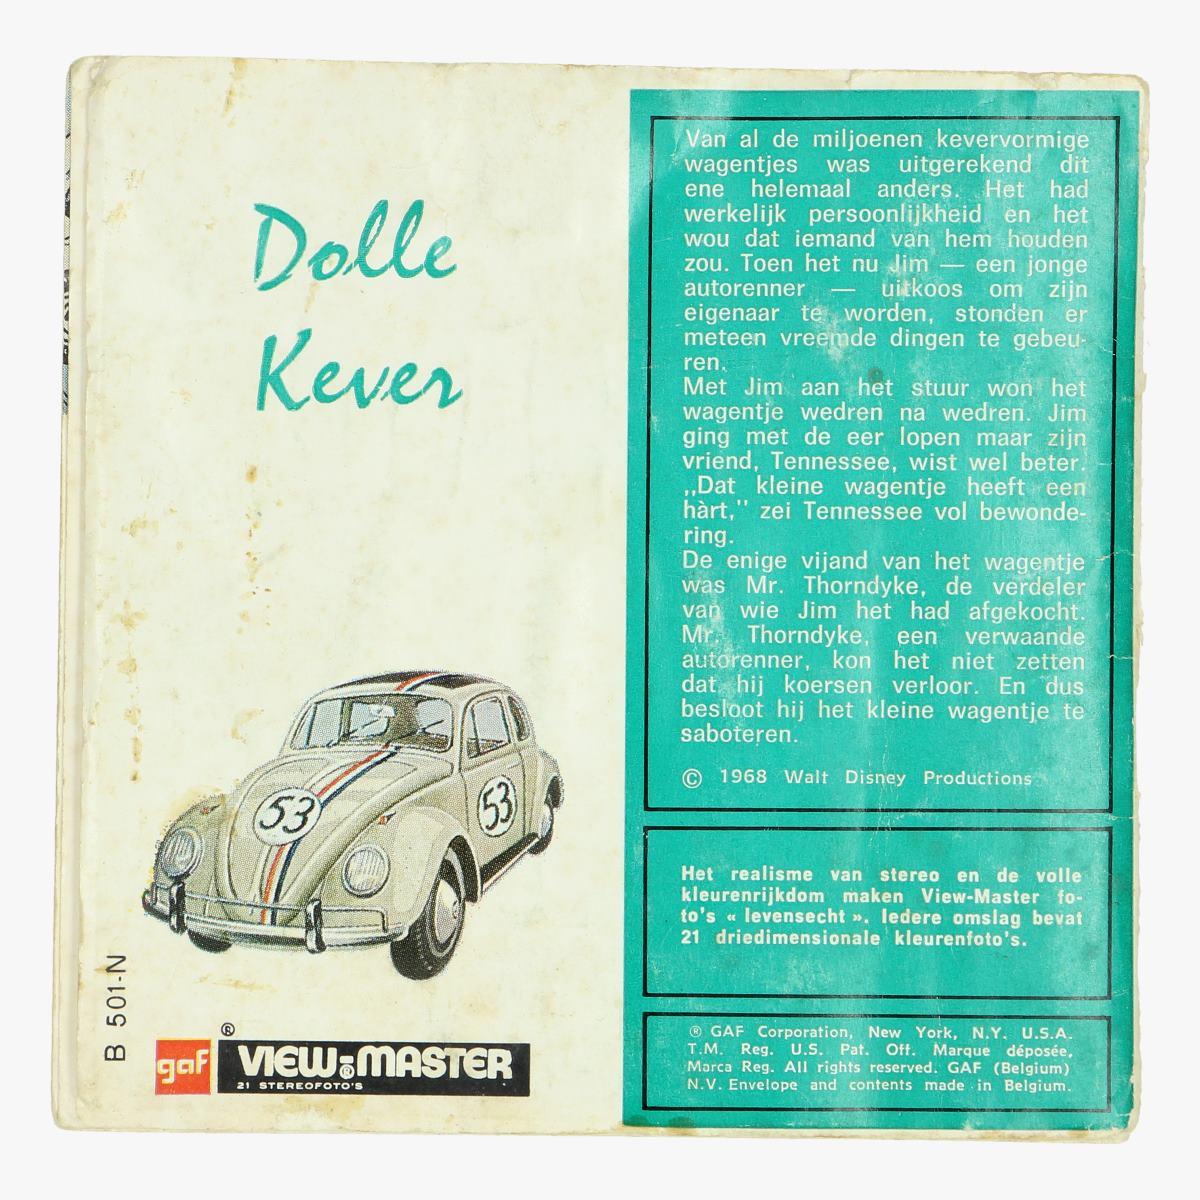 Afbeeldingen van vieuw-master dolle kever 1968 walt disney productions